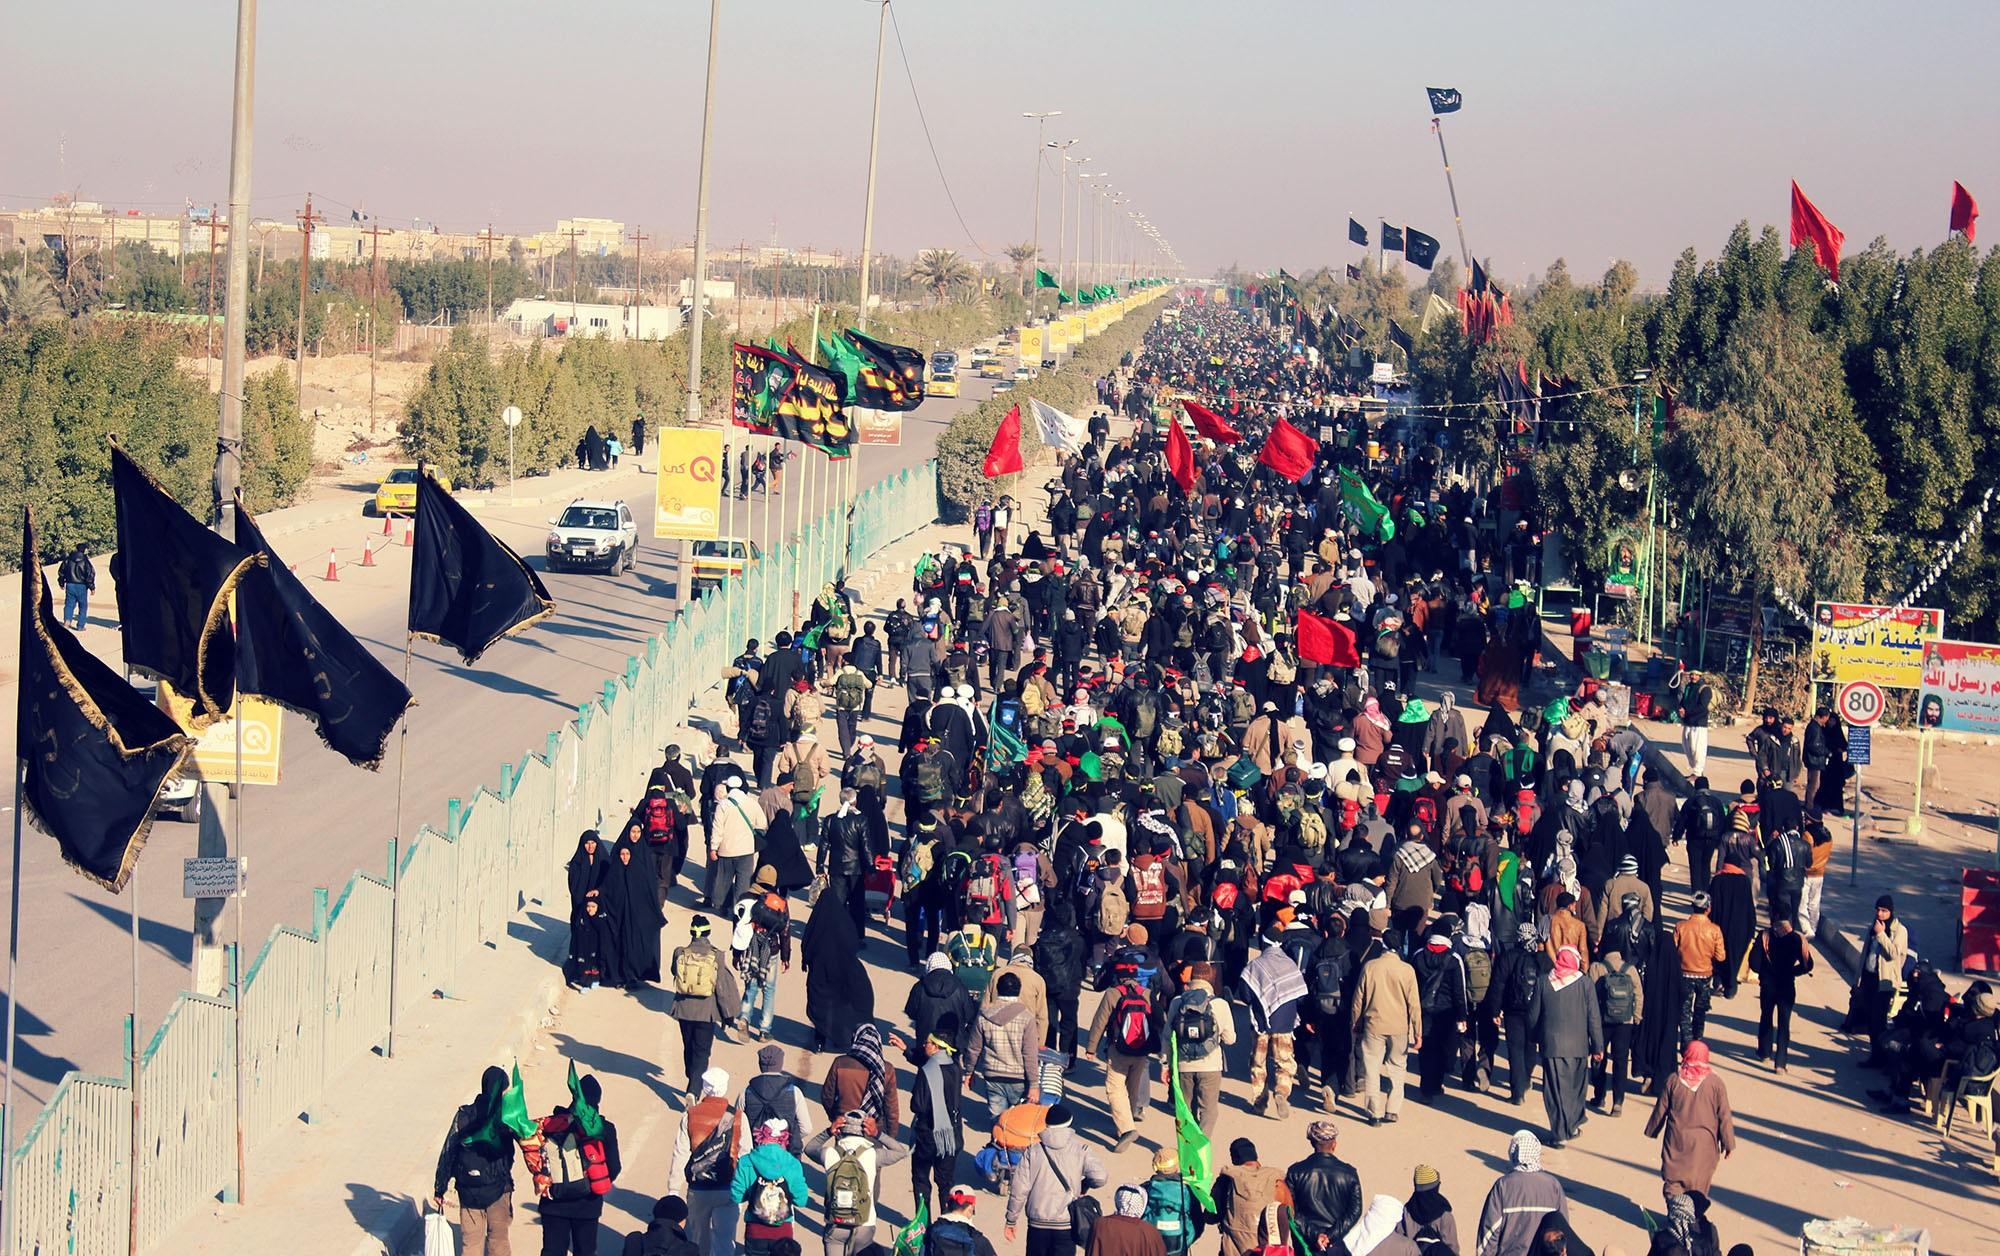 تردد زائران اربعین حسینی از 4 نقطه مرزی/ مرز خسروی امنترین مسیر برای رسیدن به کربلا,